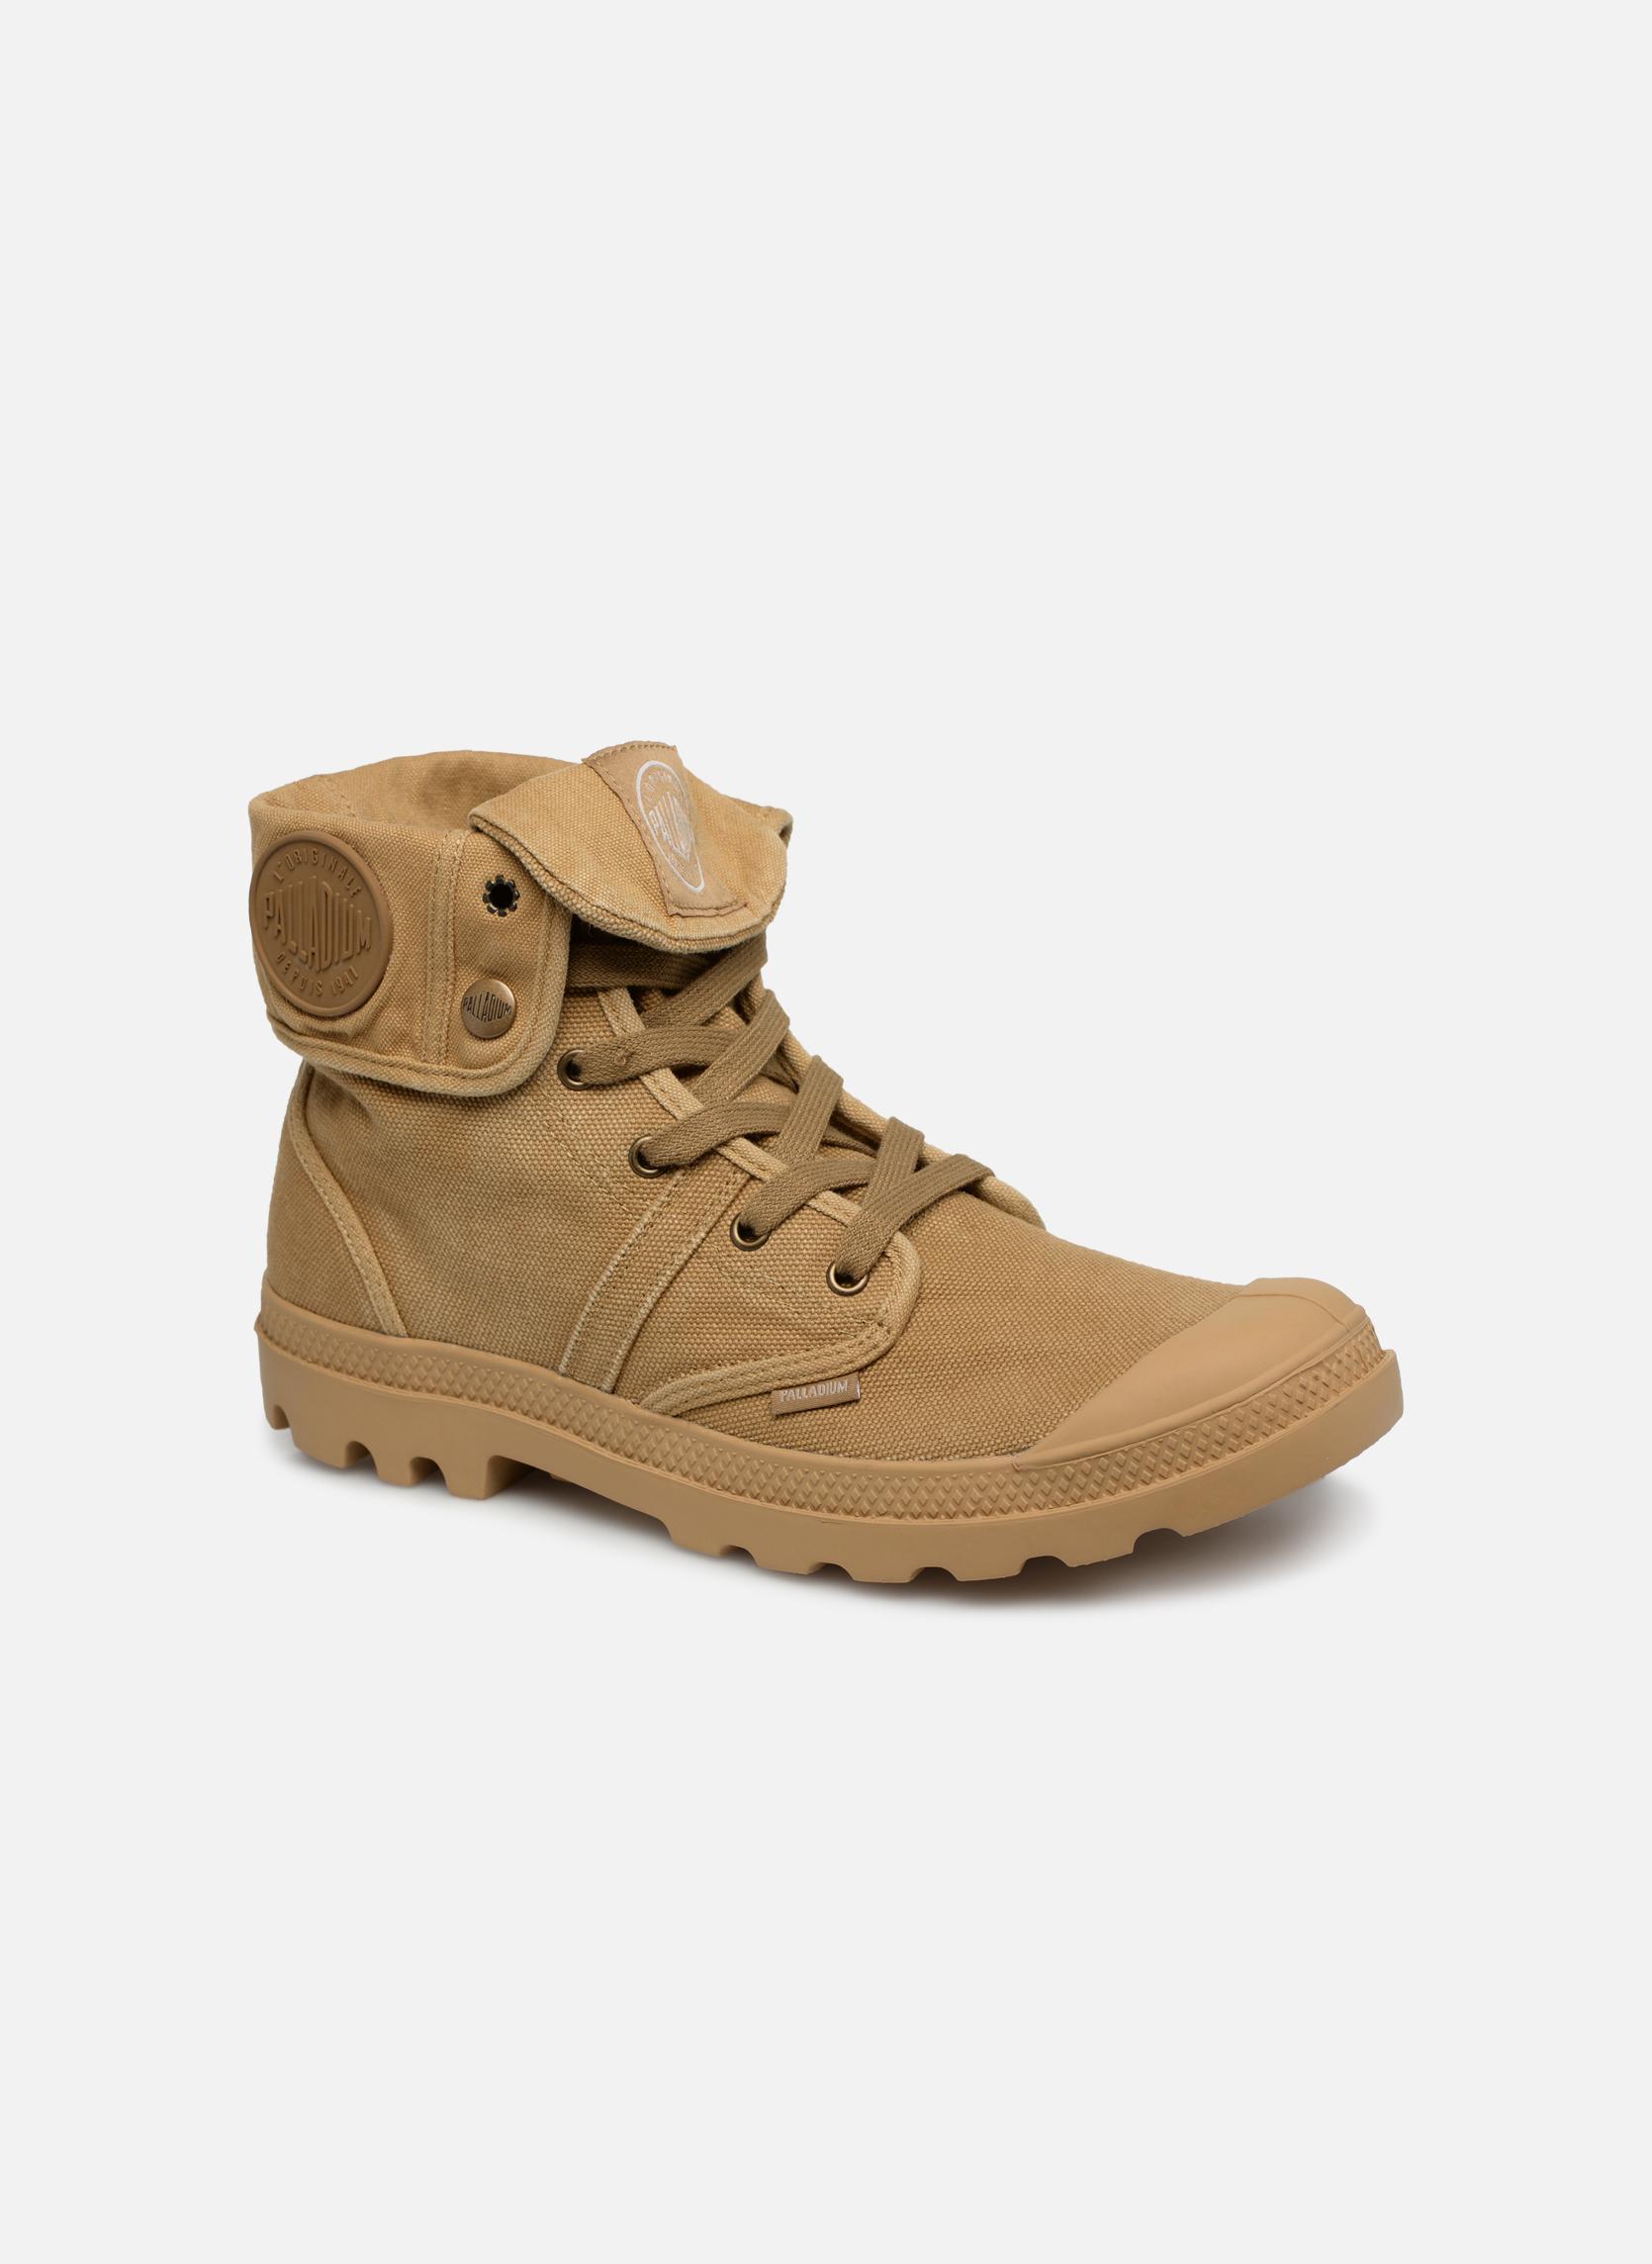 Palladium Us Baggy H (Beige) - Baskets en Más cómodo Dernières chaussures discount pour hommes et femmes